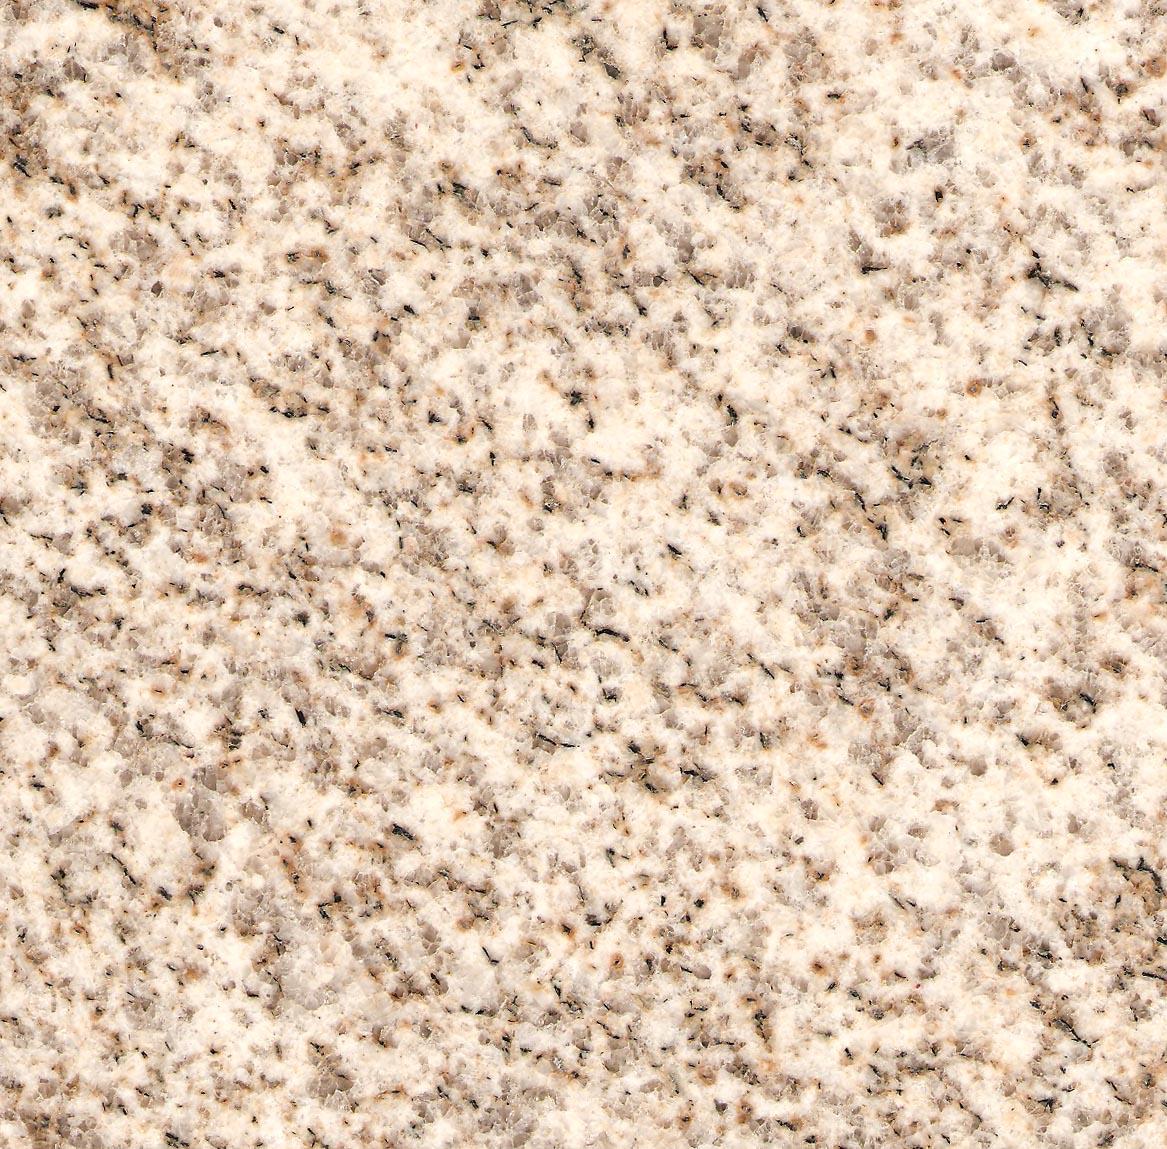 White Granite Samples : Navajo white china granite tiles